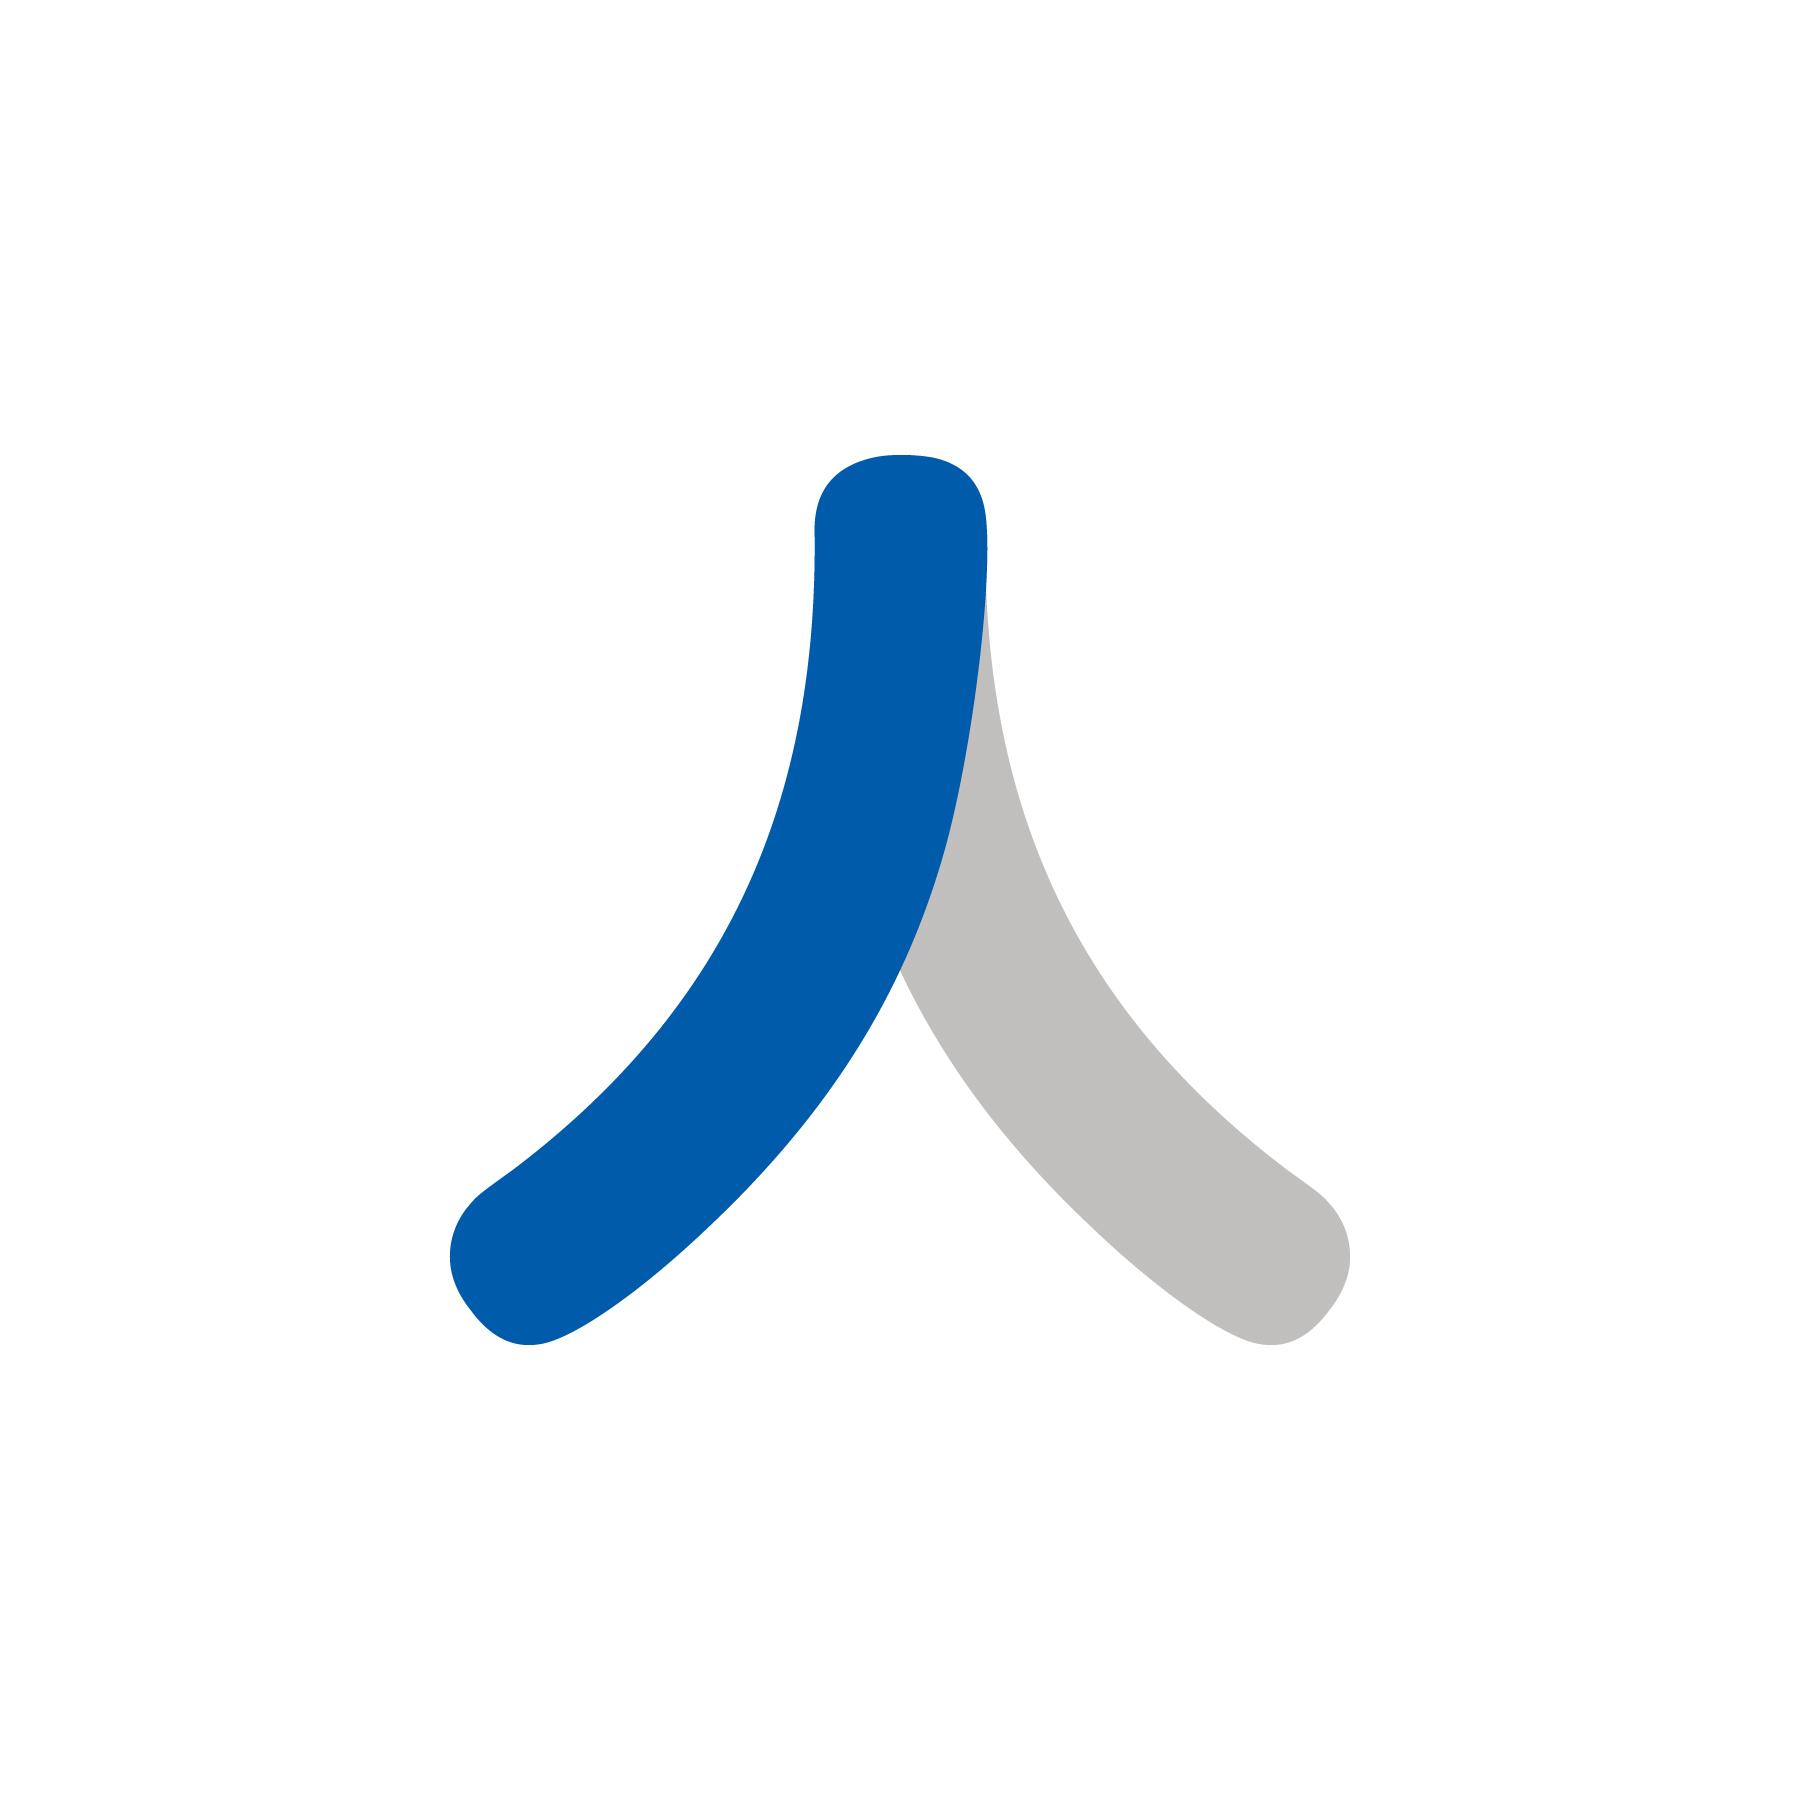 ロゴデザイン ブランドデザイン